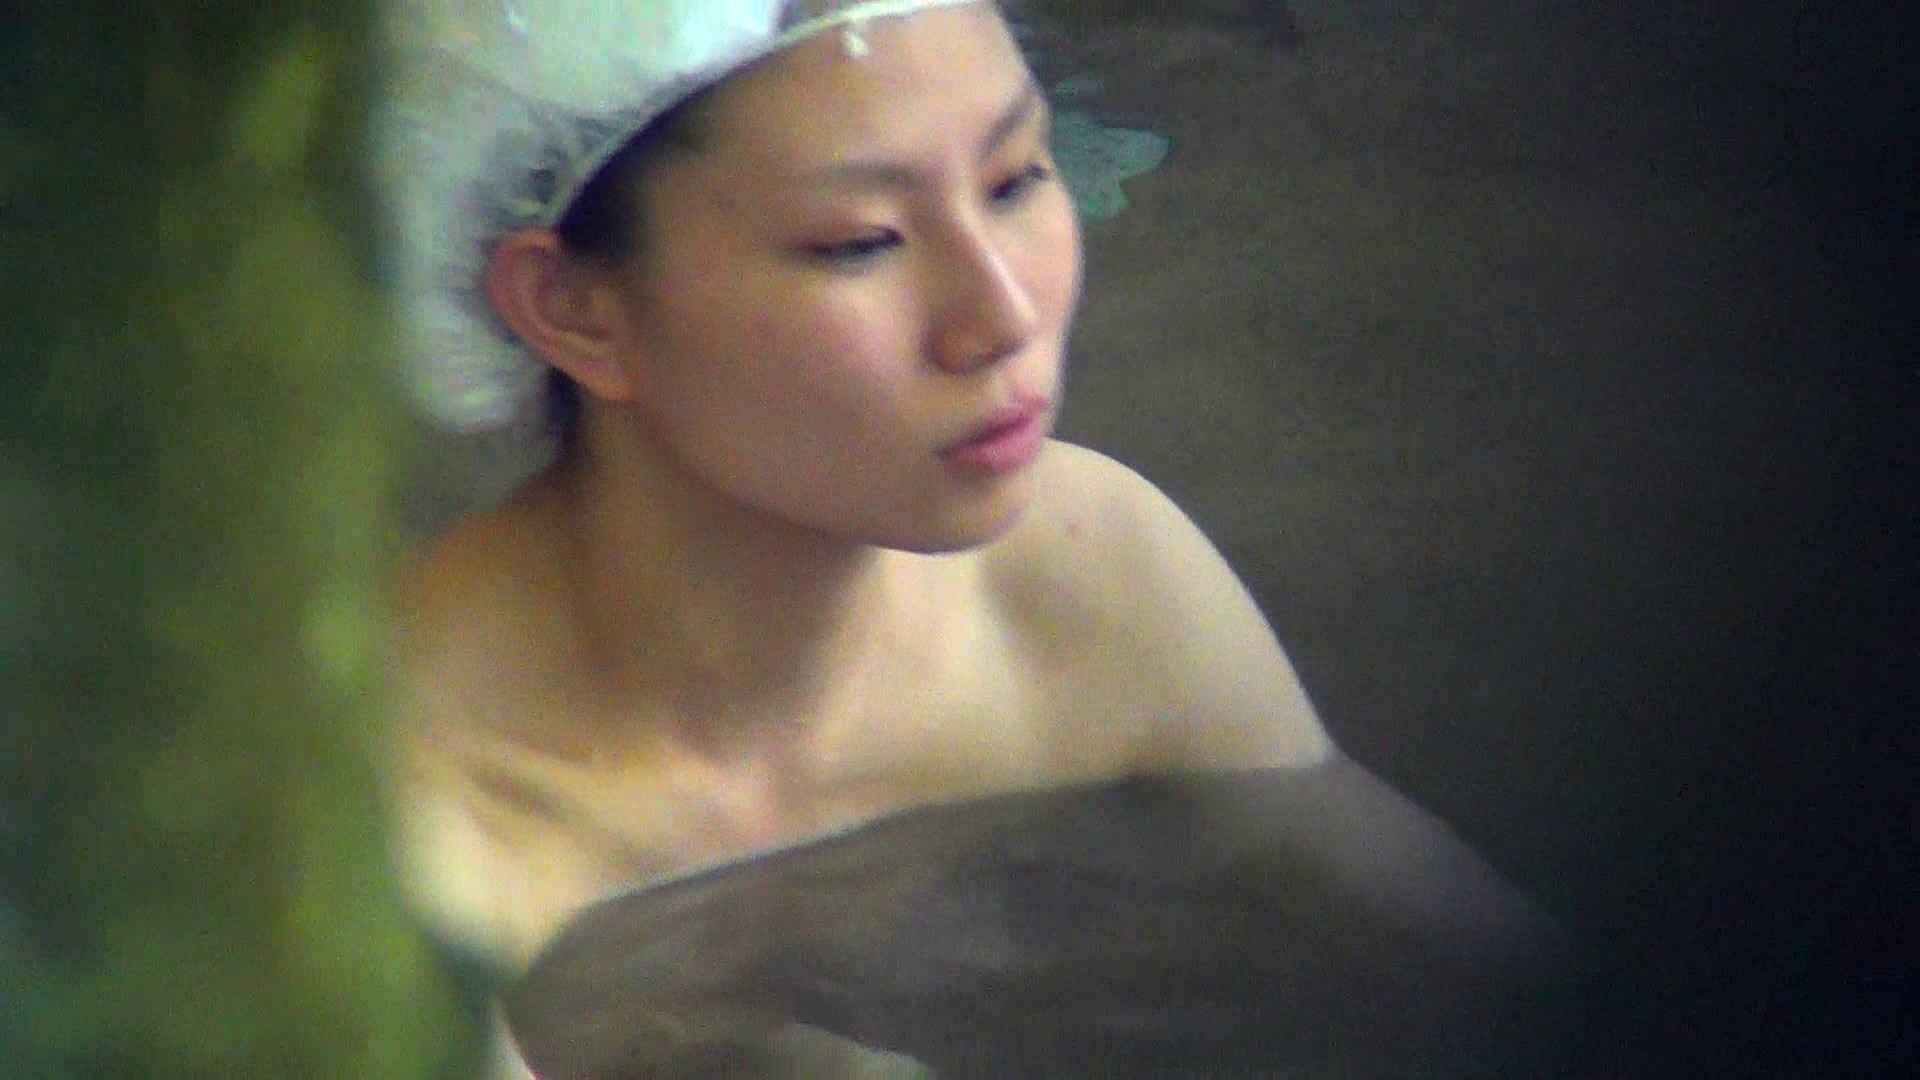 Aquaな露天風呂Vol.273 OLのエロ生活 覗きおまんこ画像 105連発 47